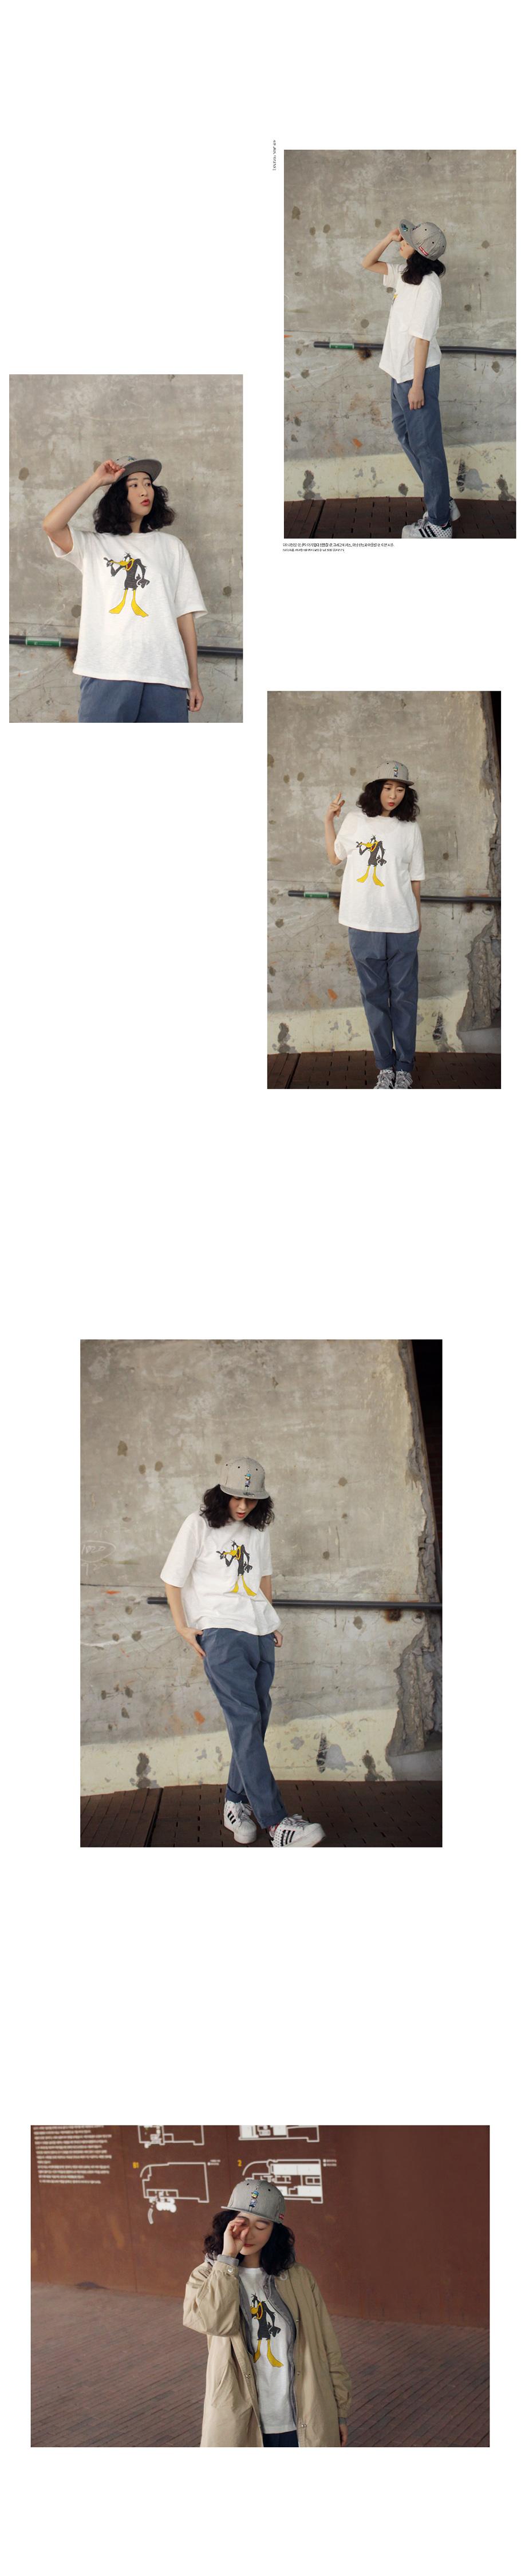 워싱 반팔 티셔츠2 - 앞머리, 19,900원, 상의, 반팔티셔츠